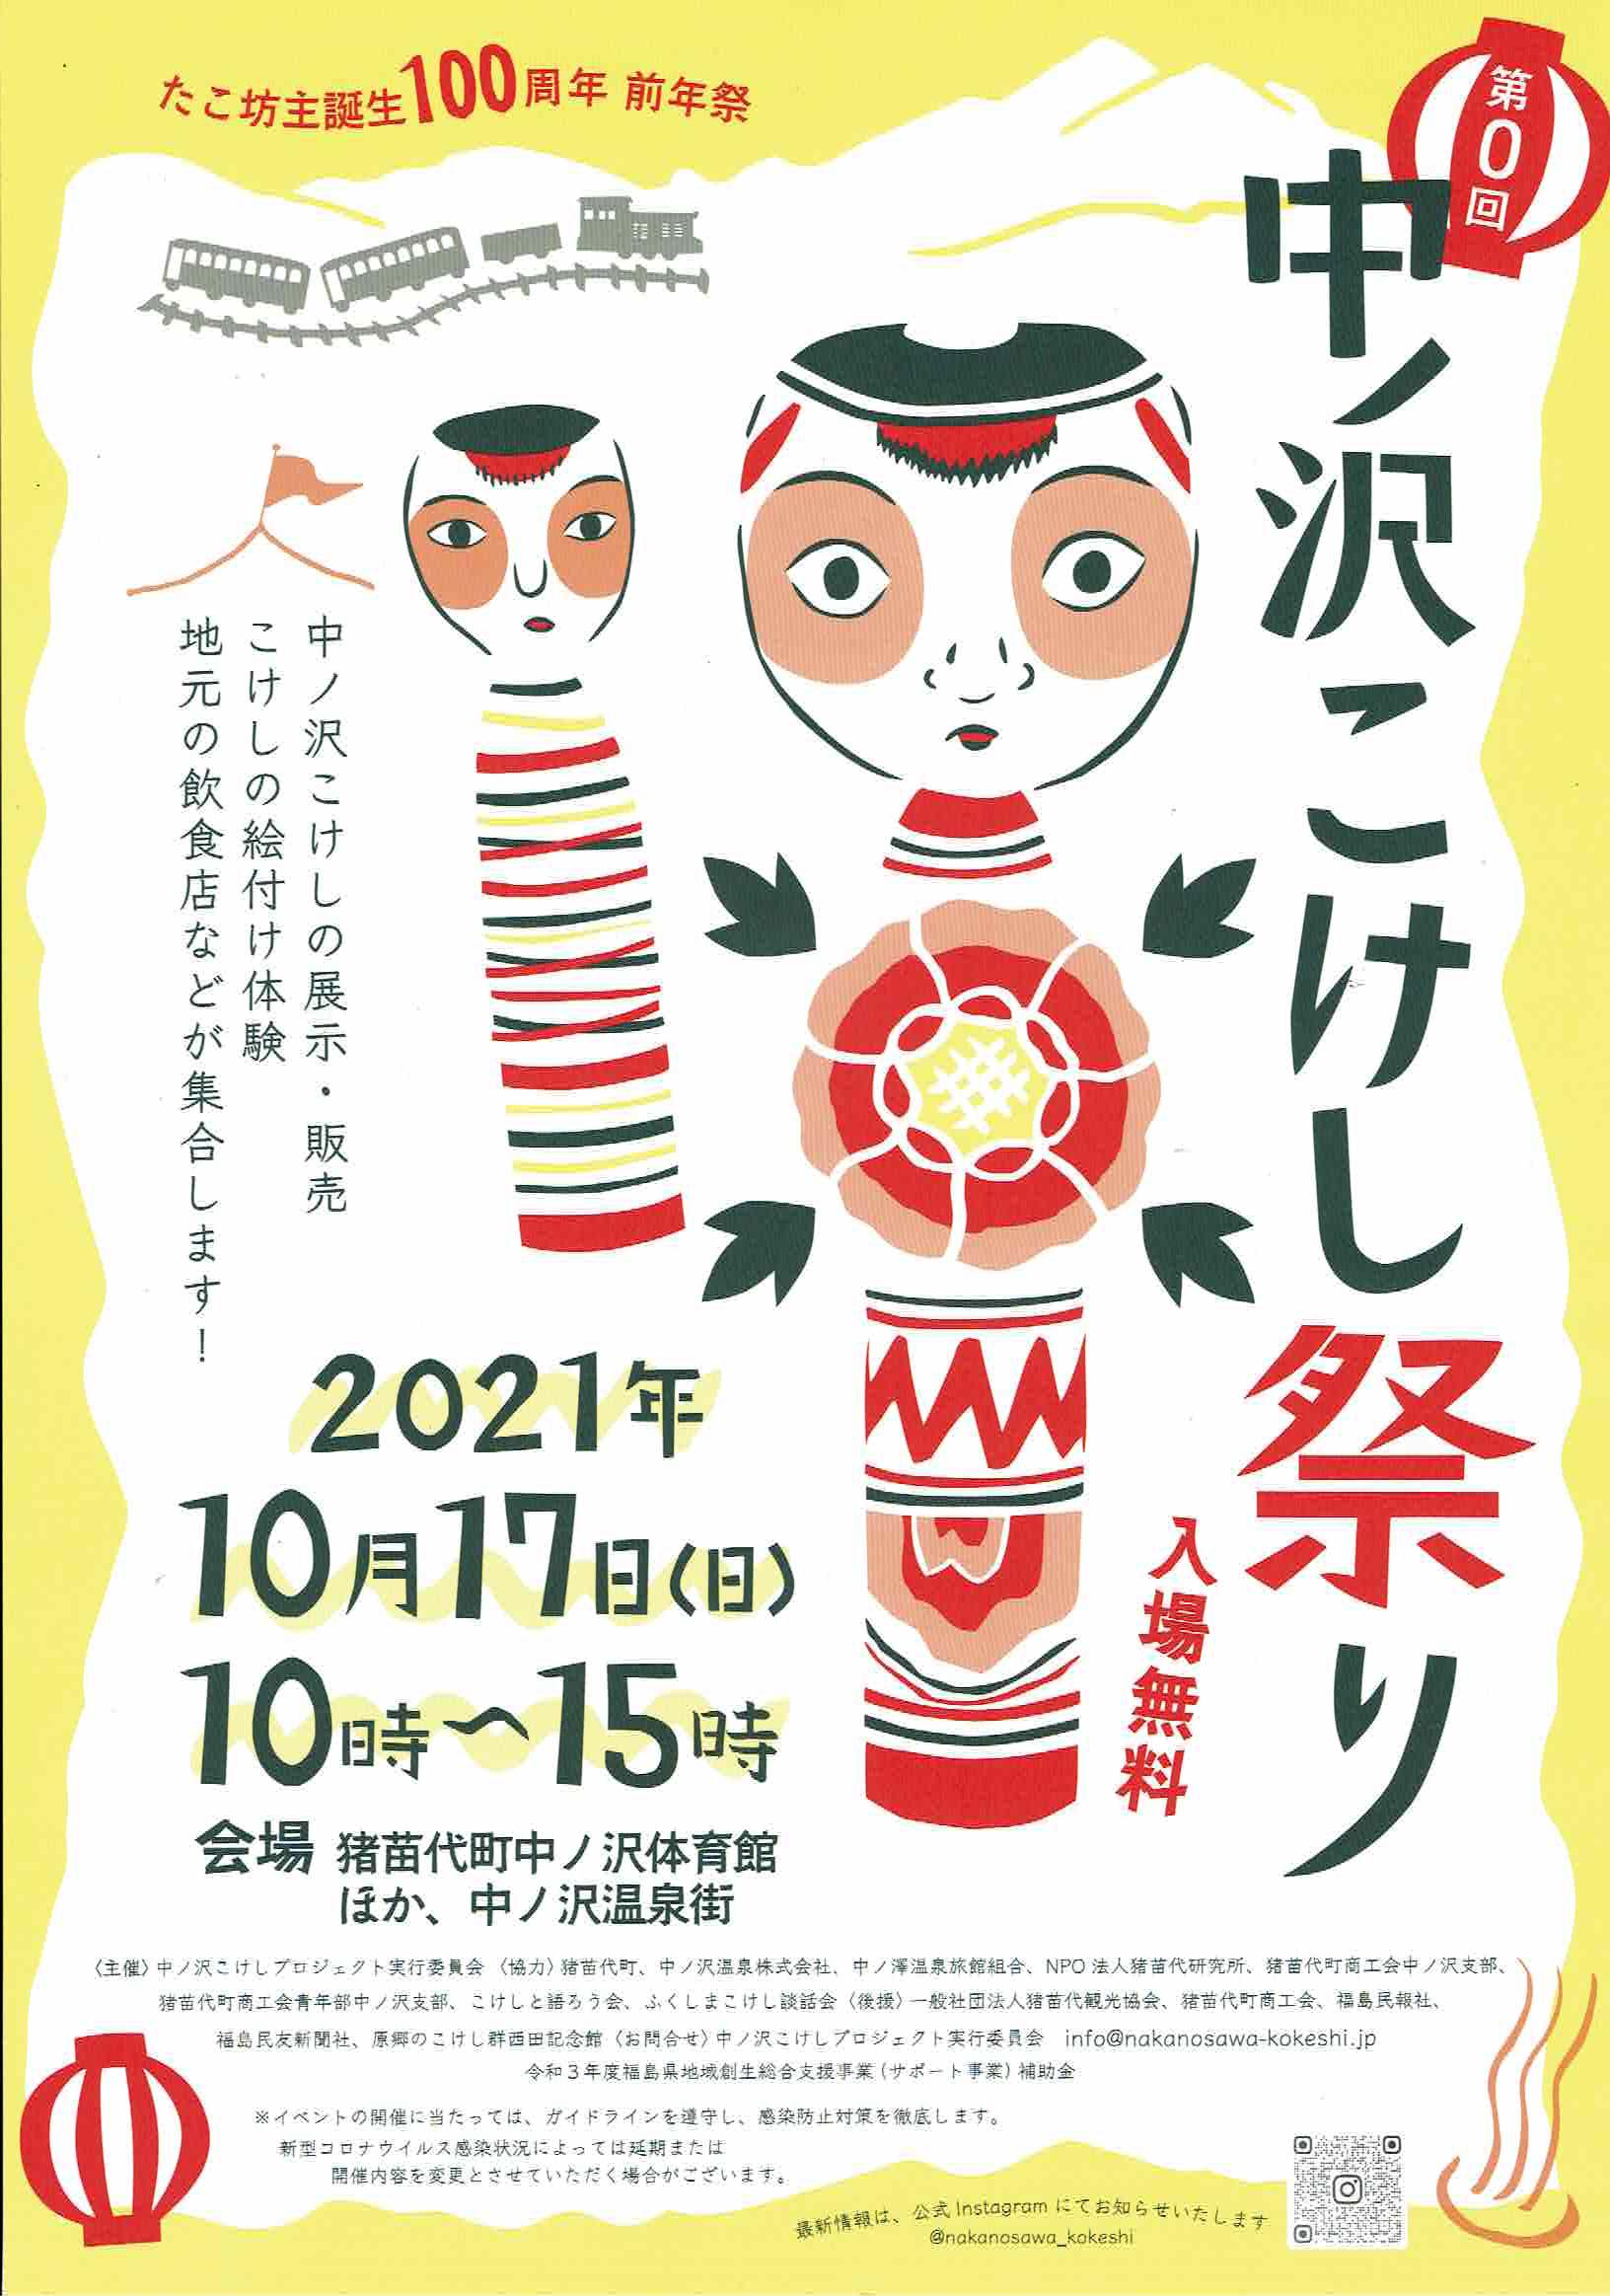 中ノ沢こけし祭り◆10月17日(日)